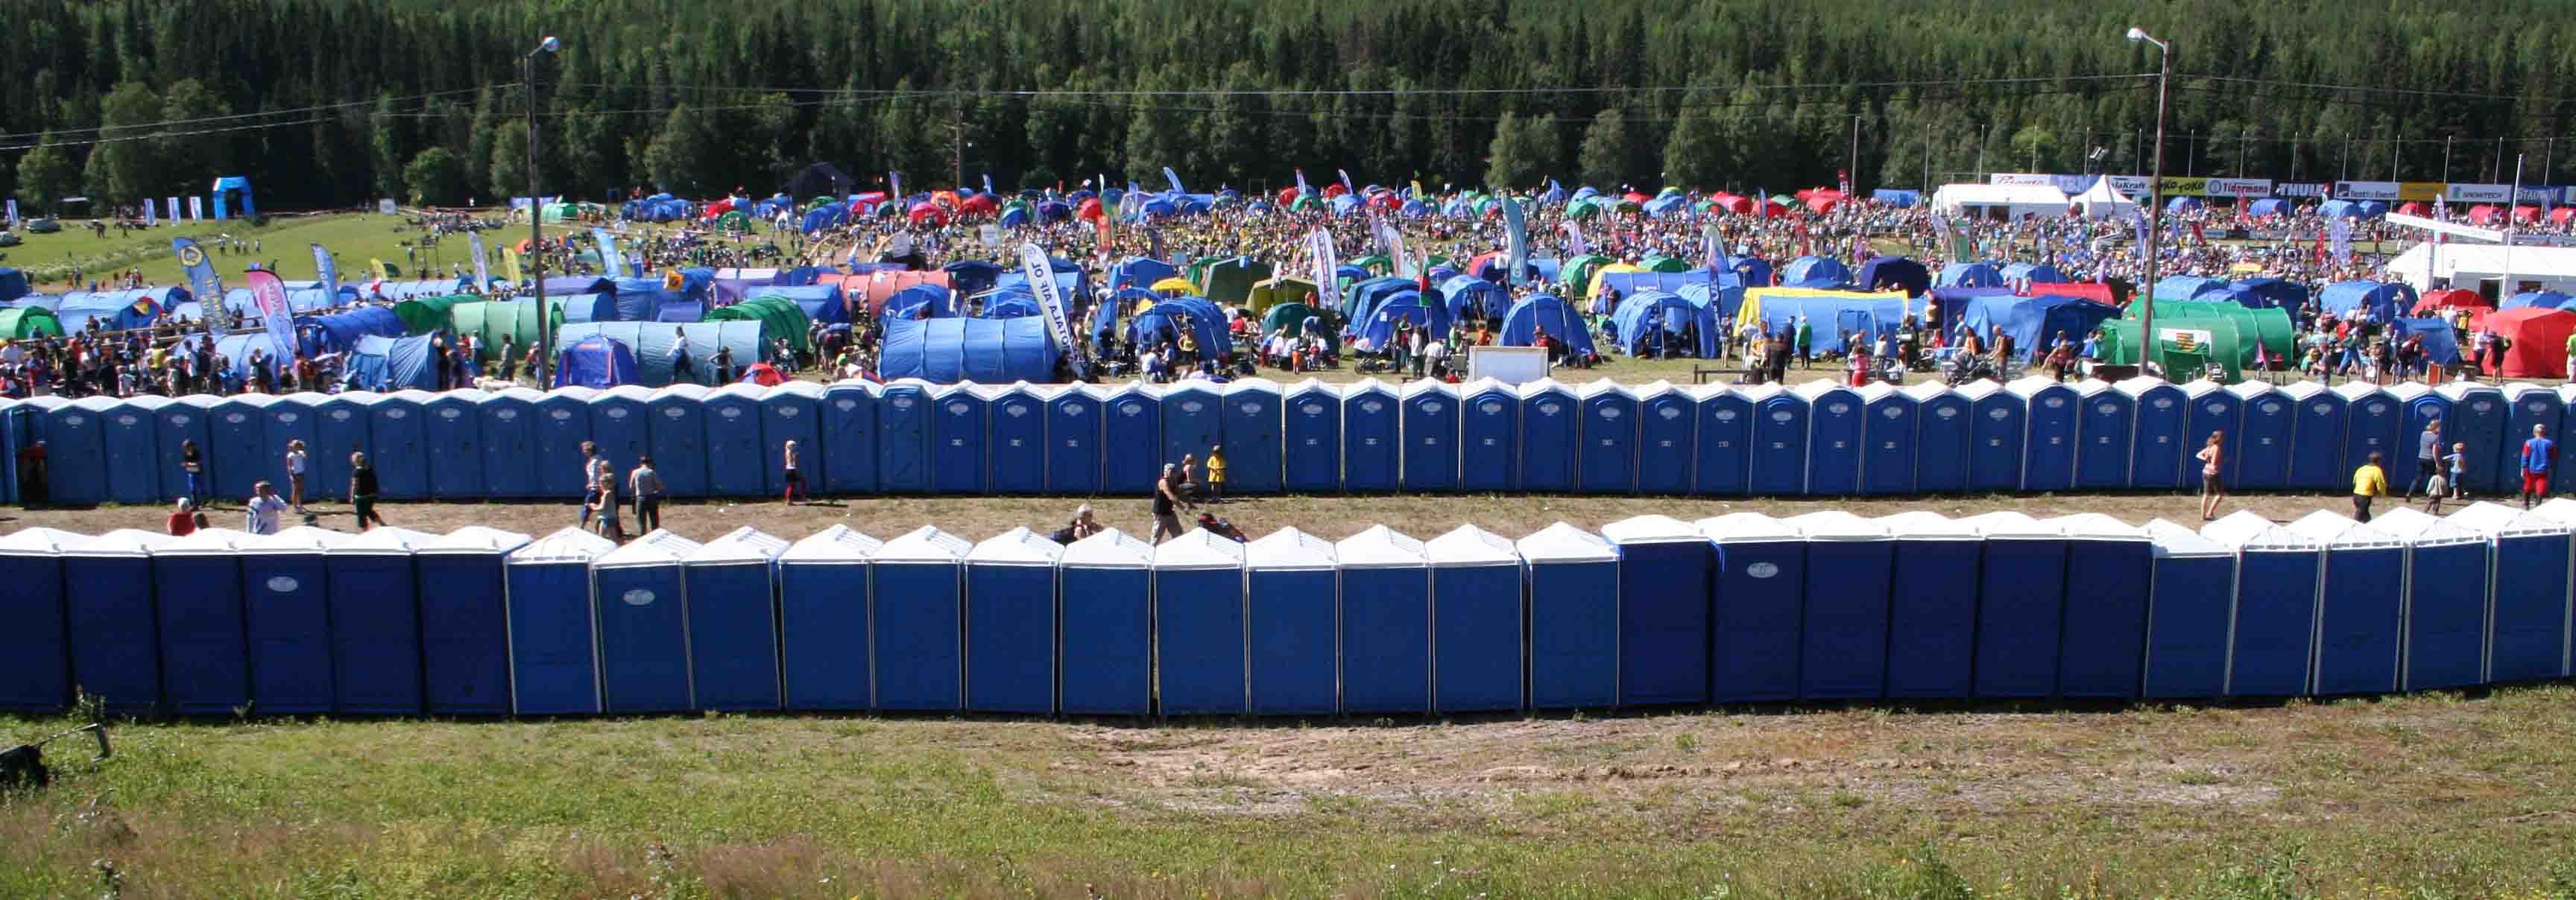 Gävle  Vi hyr ut mobila toaletter i Gävle -SeBra Event AB